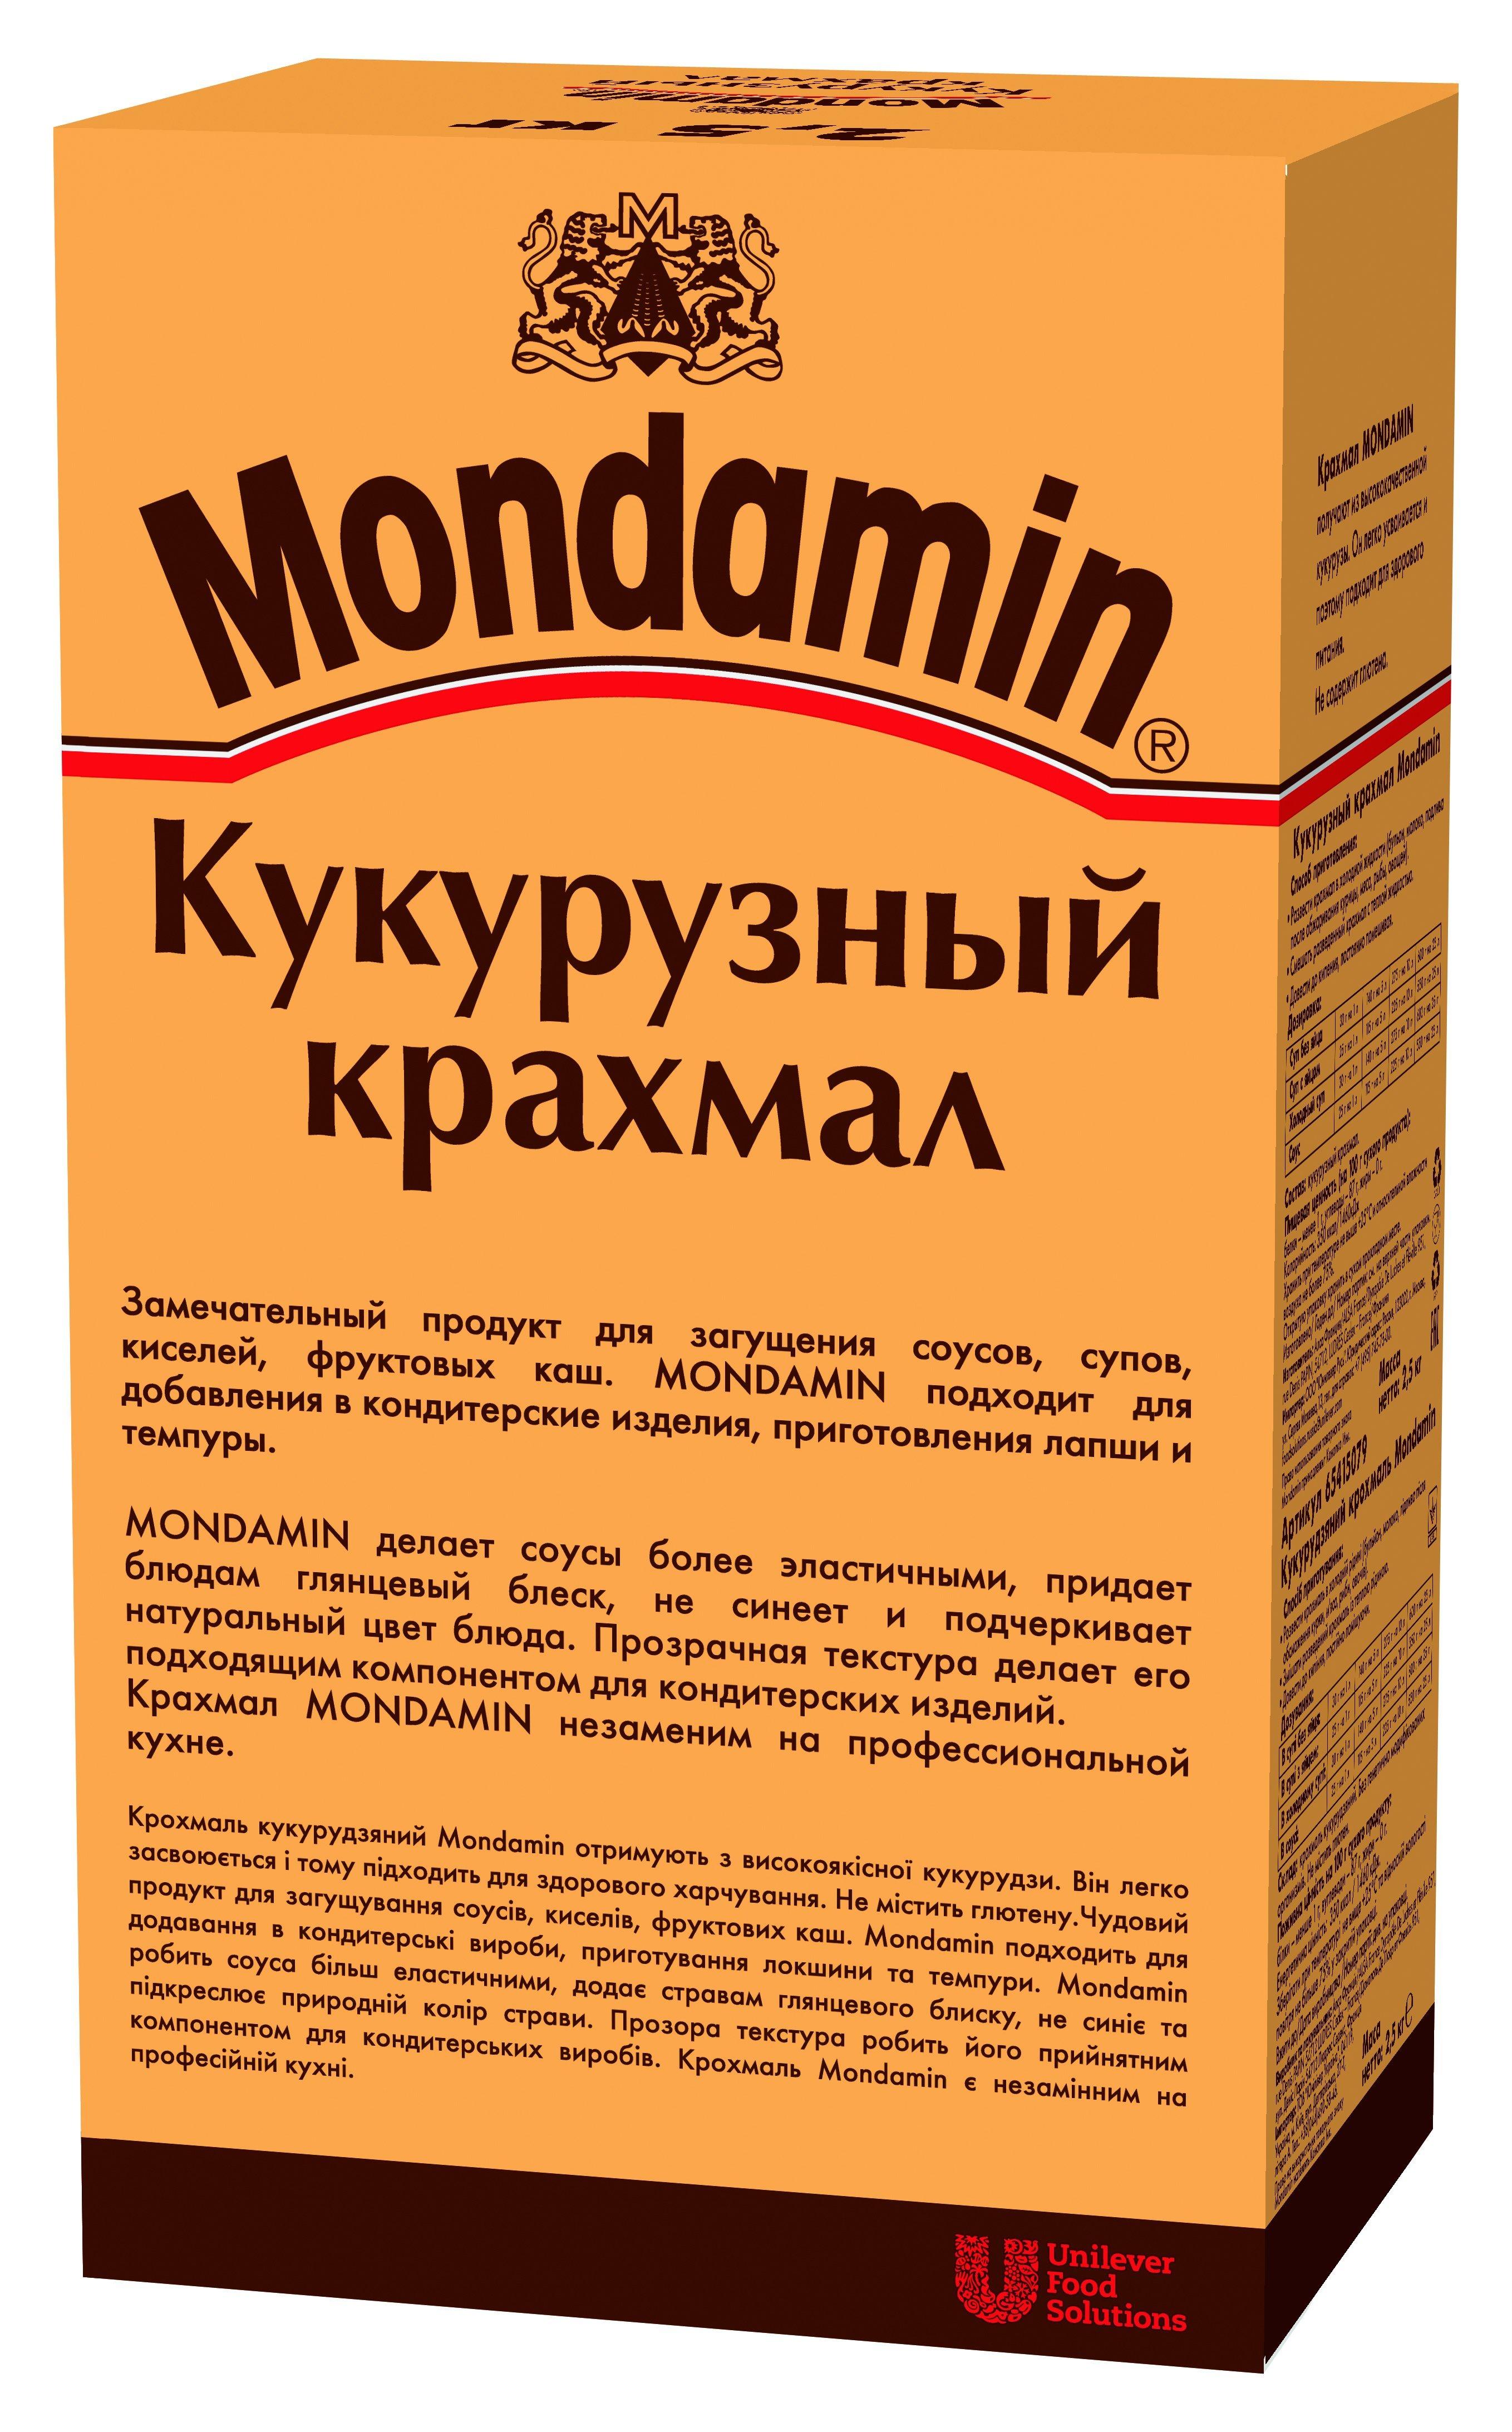 KNORR Кукурузный крахмал Мондамин (2,5кг)